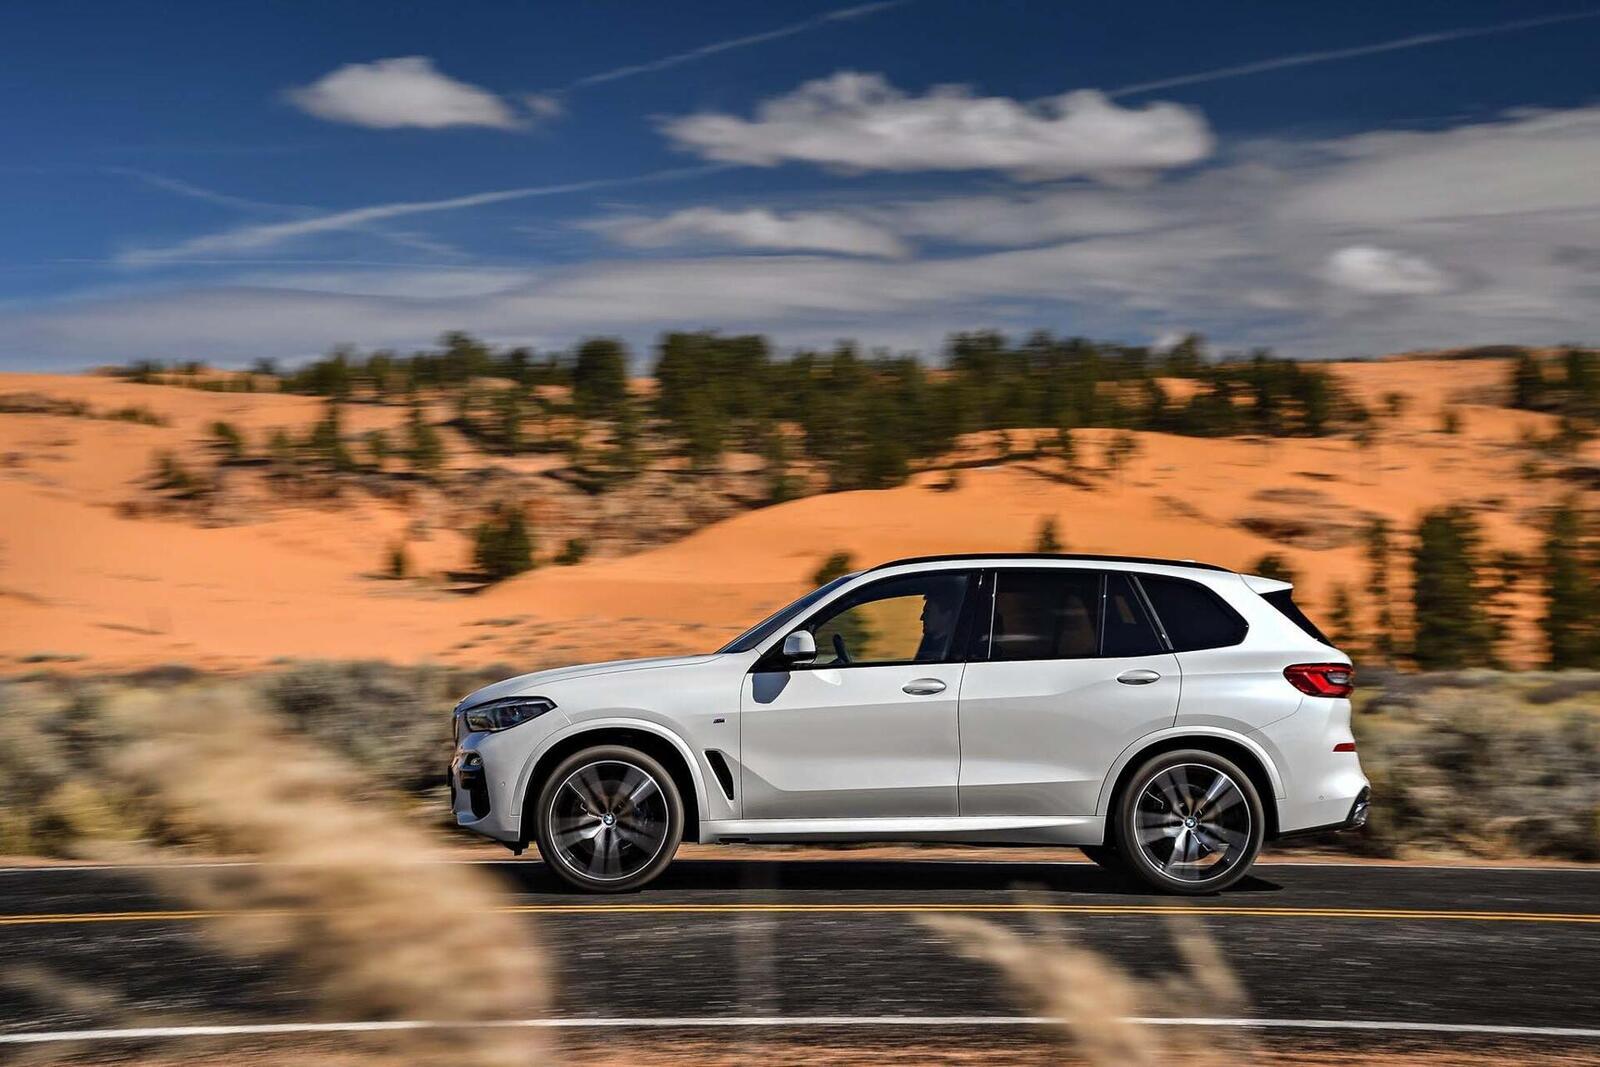 Hôm nay BMW X7 và X5 thế hệ mới sẽ ra mắt tại Việt Nam; mời các bác dự đoán giá bán - Hình 11